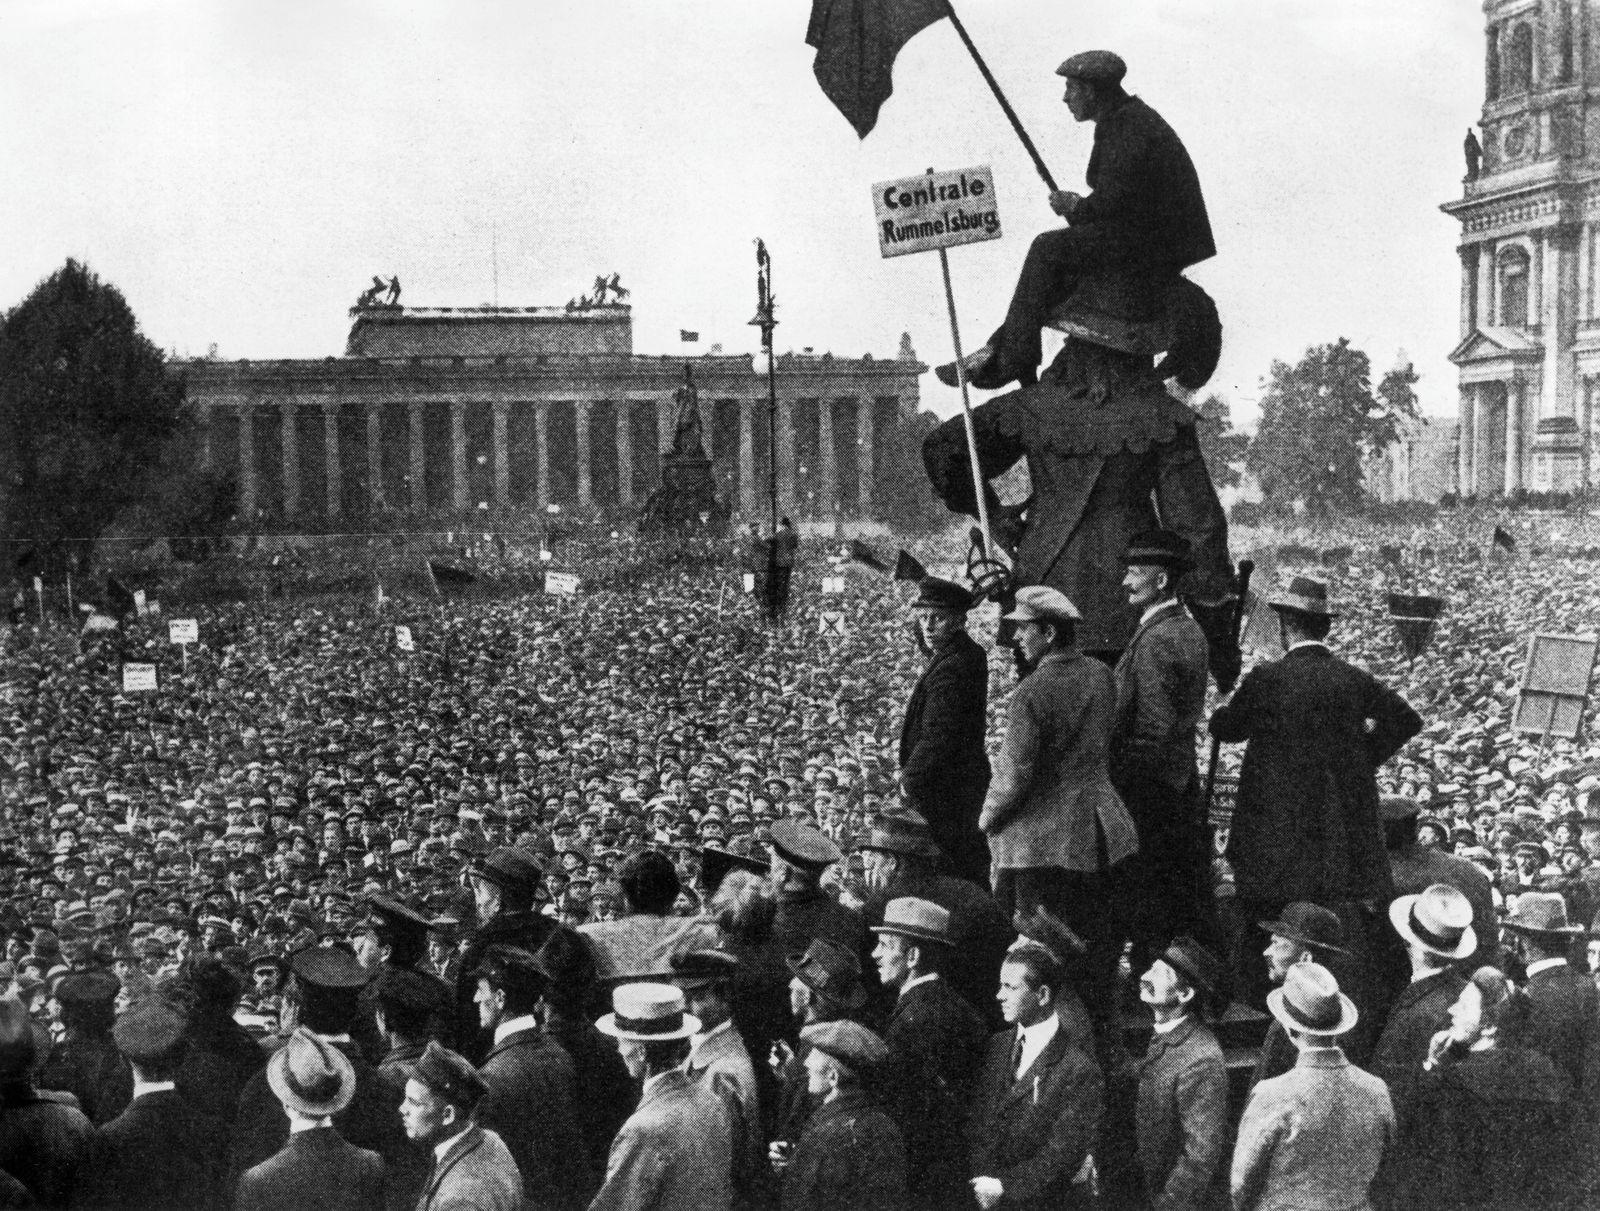 Protestkundgebung im Lustgarten anlässlich der Ermordung des Zentrumspolitikers Matthias Erzberger am Vortag